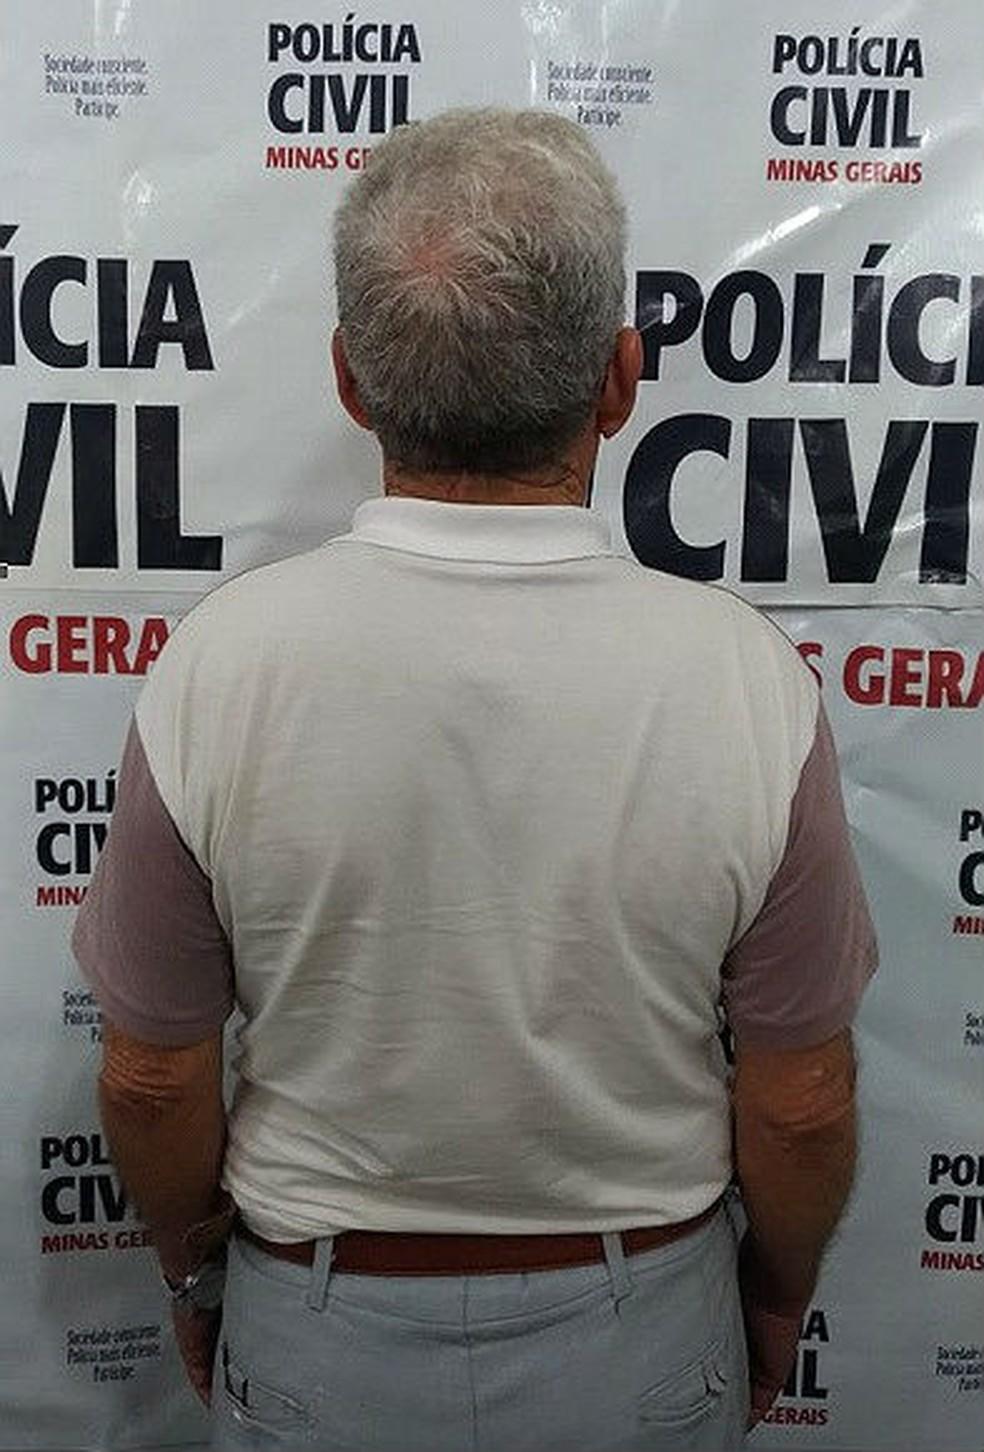 -  Policial Militar reformado de 76 anos foi preso nesta quarta  13  suspeito de estuprar neta de 7 anos em Barbacena  Foto: Polícia Civil/Divulgação